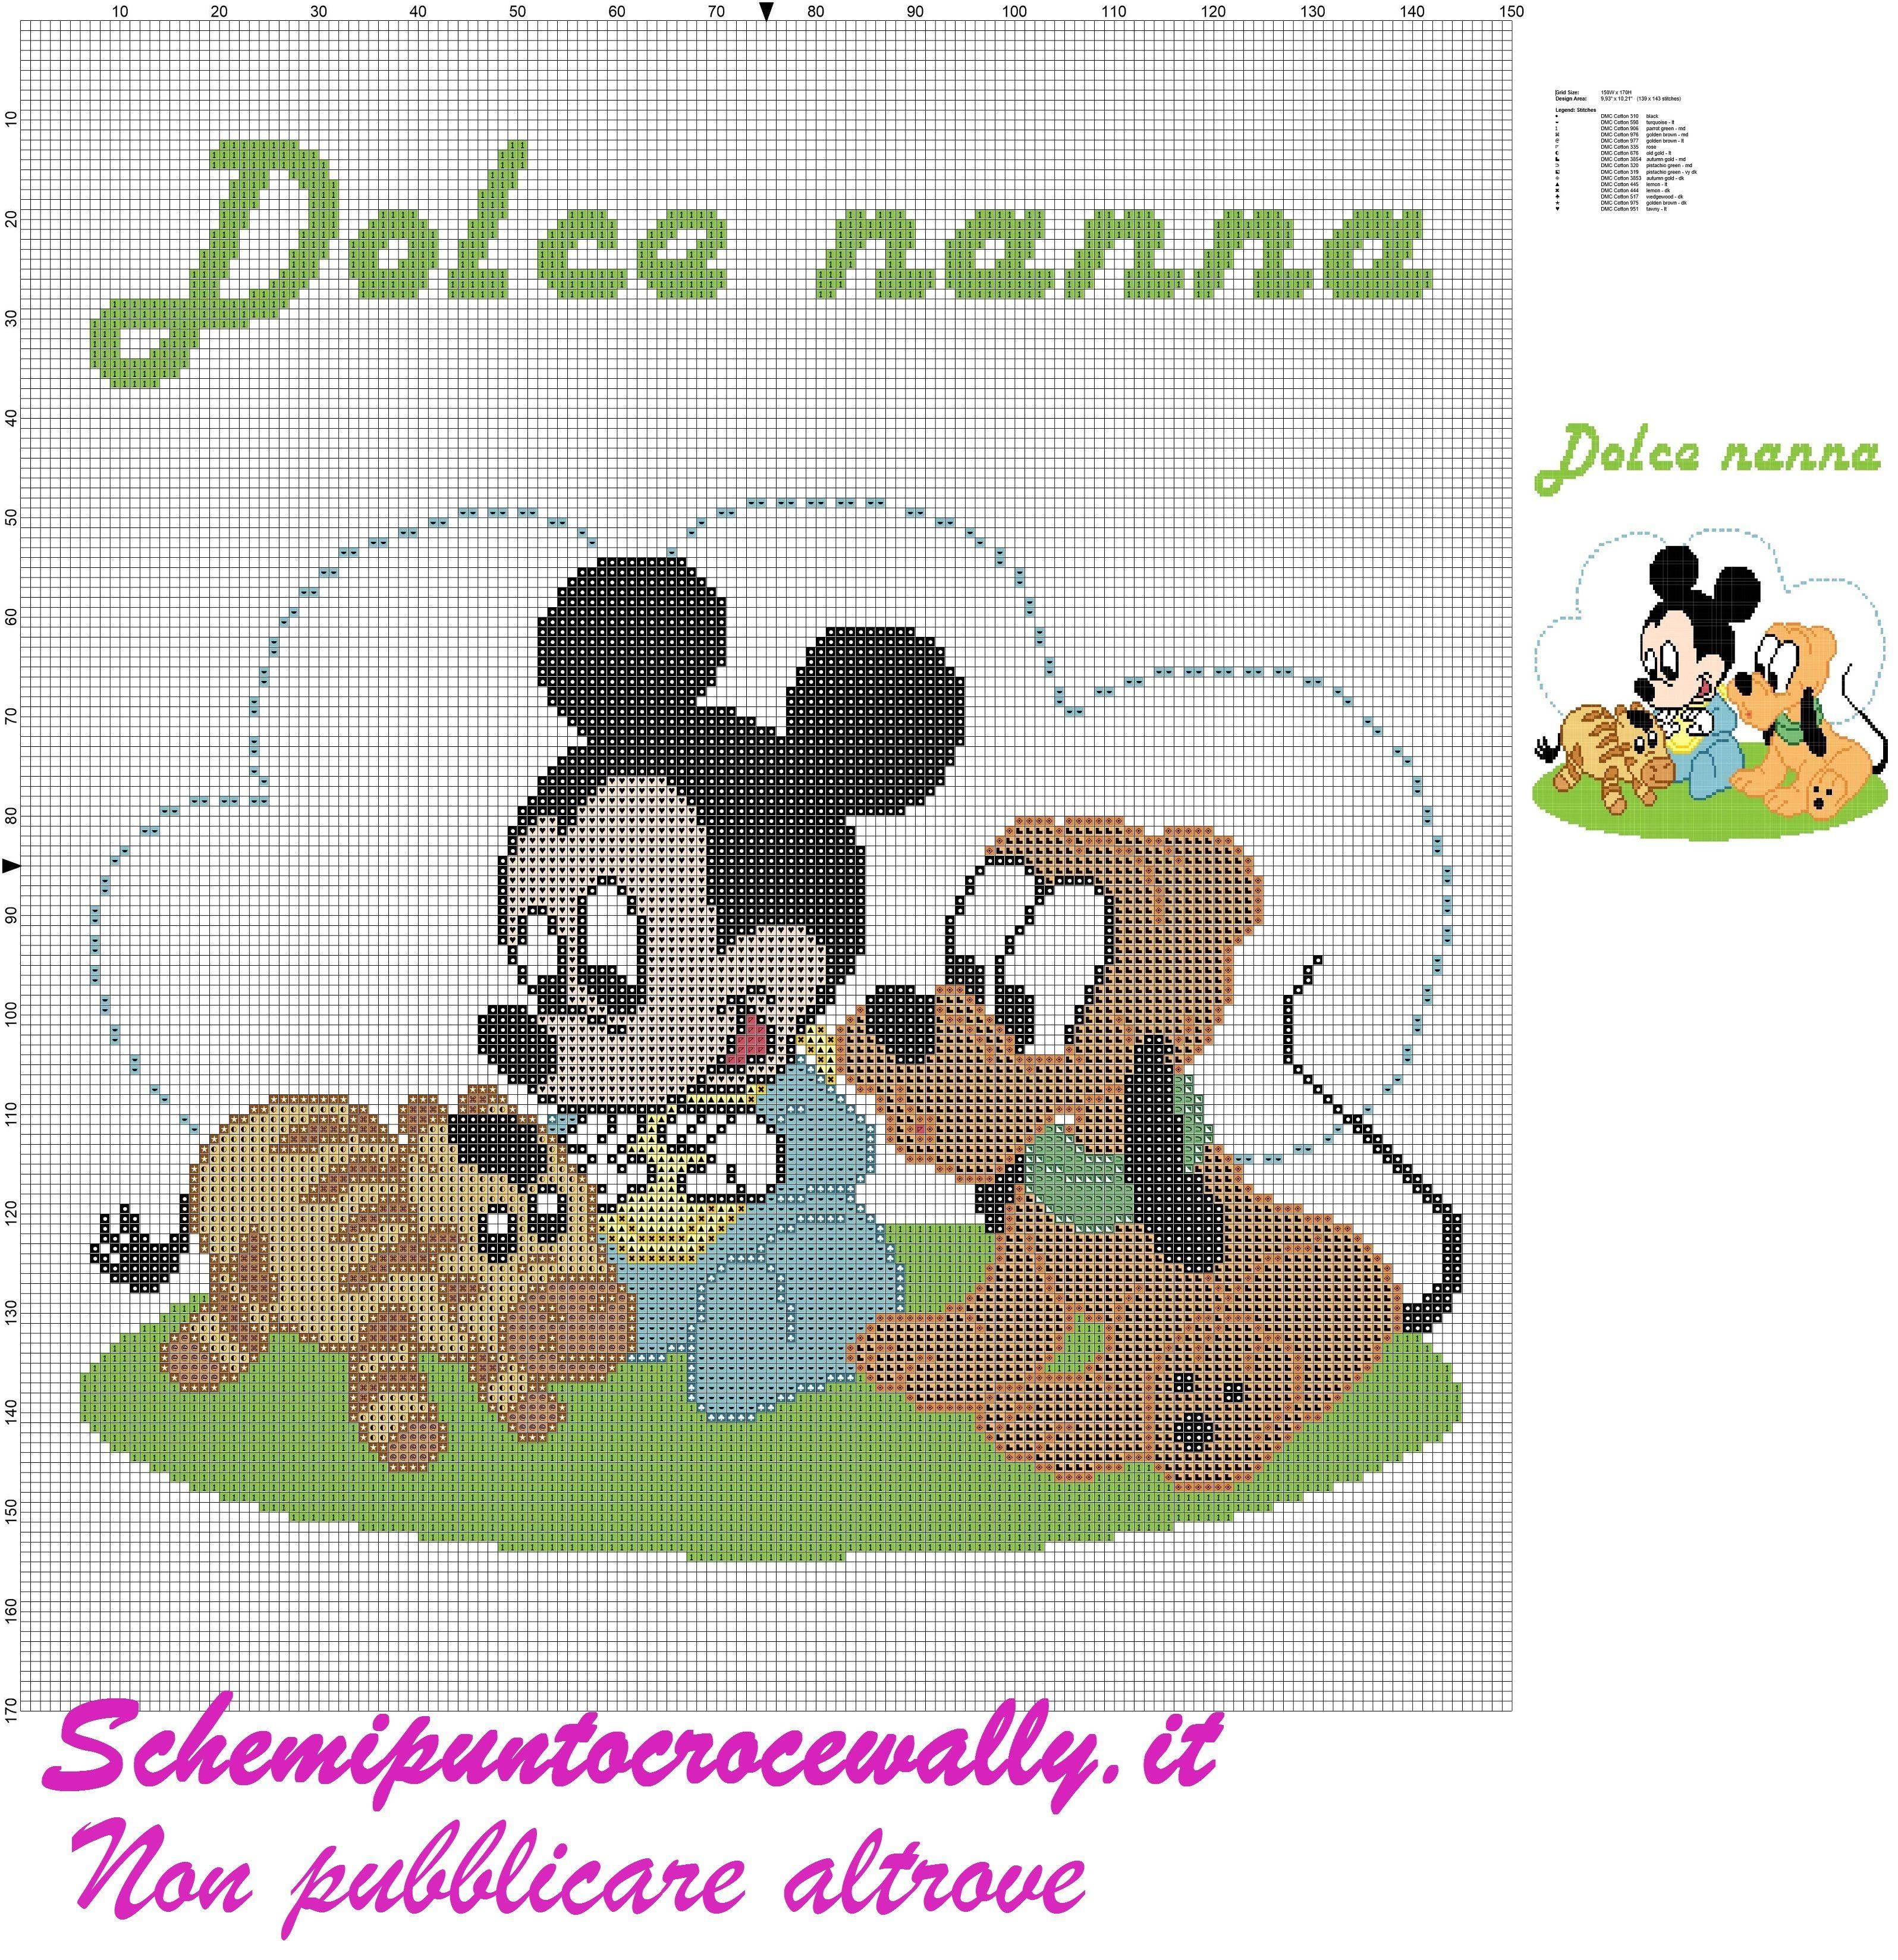 Baby topolino pluto e zebra schema punto croce per for Copertine punto croce bimbi schemi